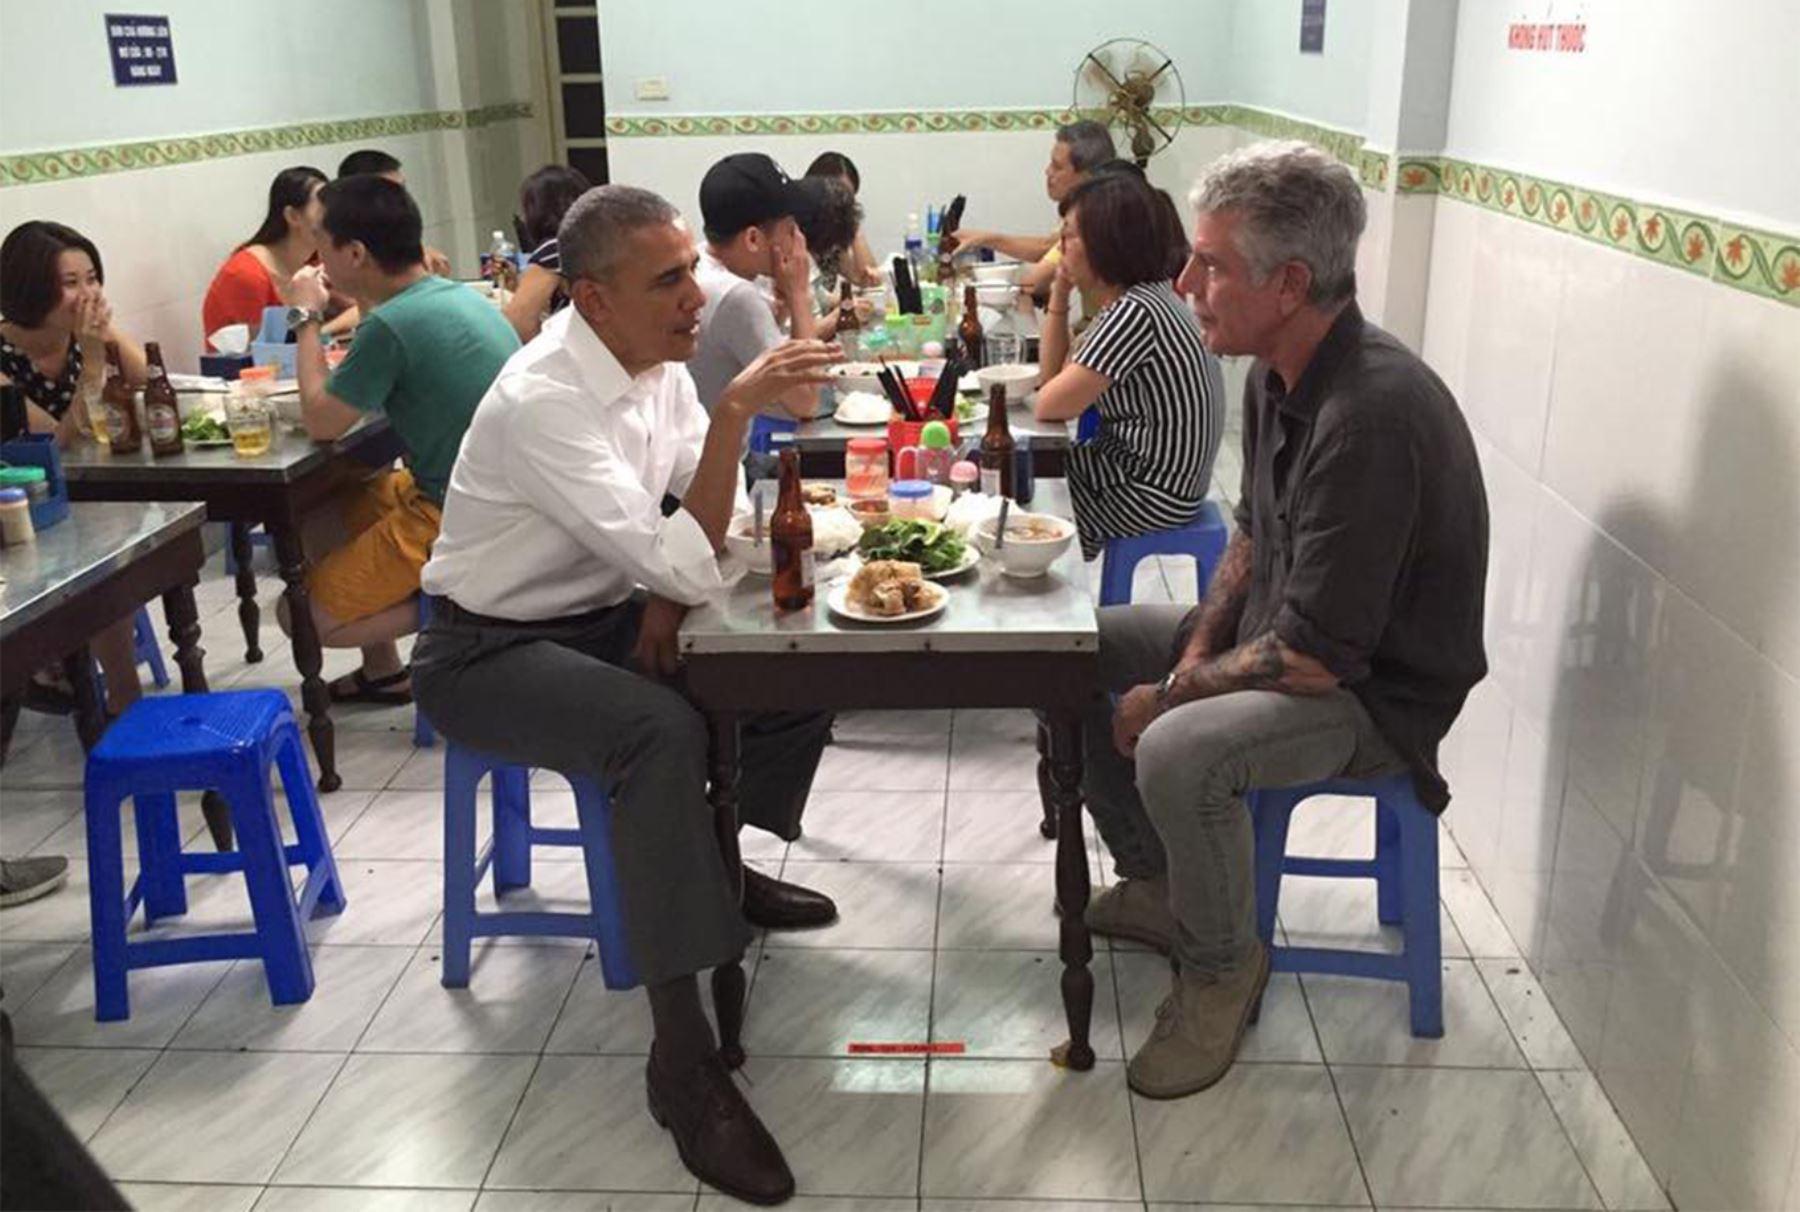 El Presidente de Estados Unidos, Barack Obama y el reconocido cheff Anthony Bourdain almuerzan en un pequeño restorán de Hanoi, capital de Vietnam.  Foto: Facebook